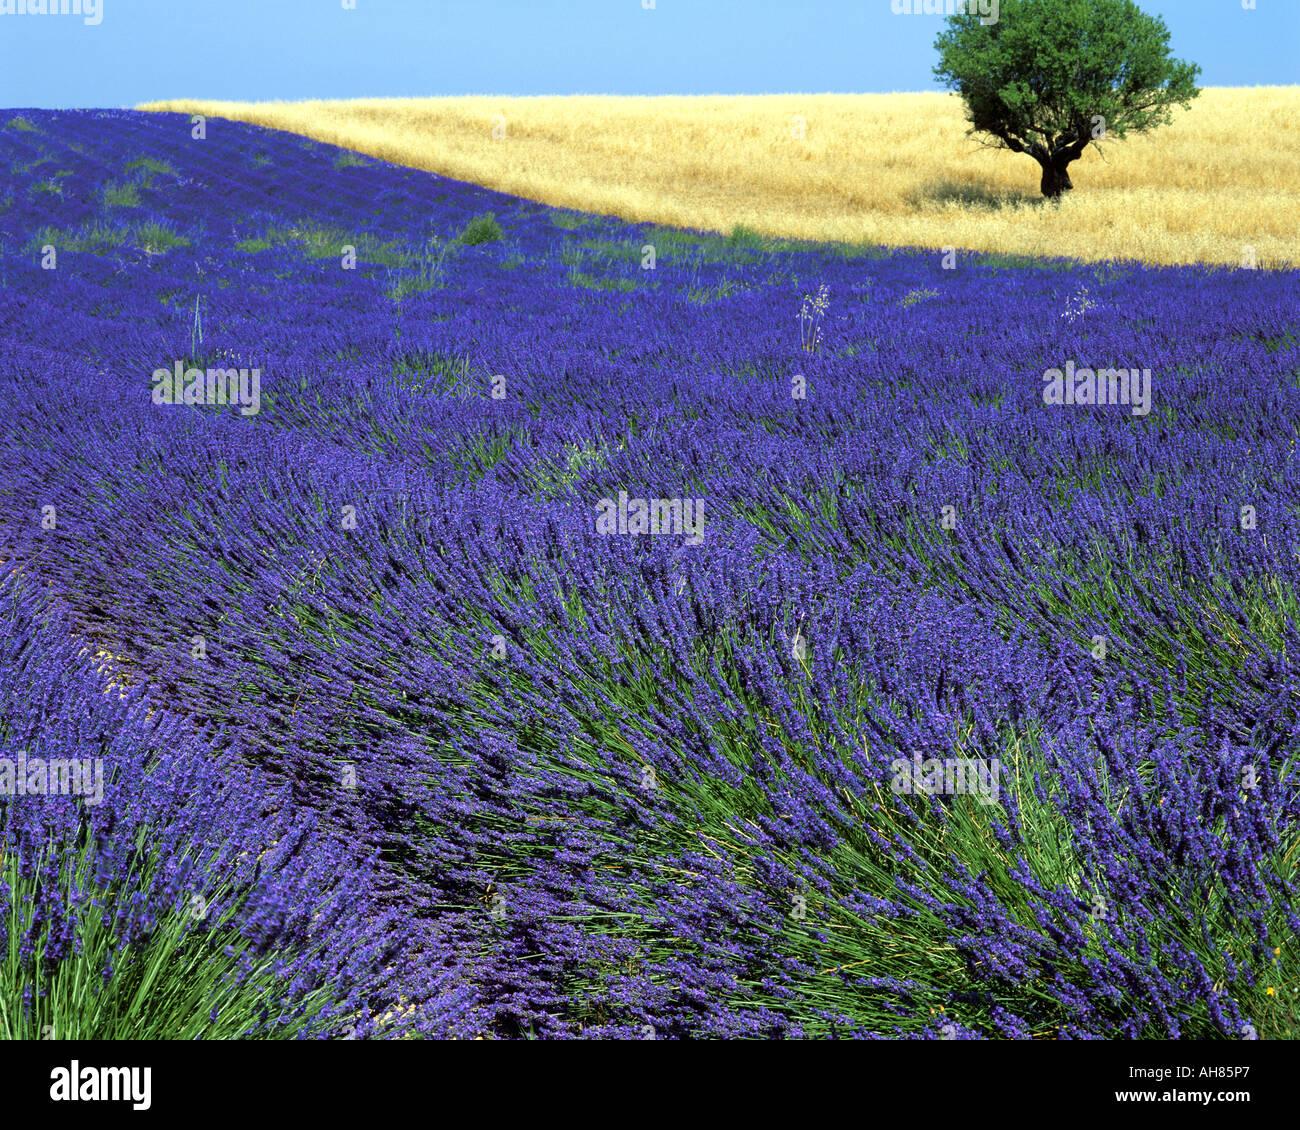 FR - Alpes de Haute Provence: Campo di lavanda e albero sul Plateau de Valensole vicino Puimoisson Immagini Stock